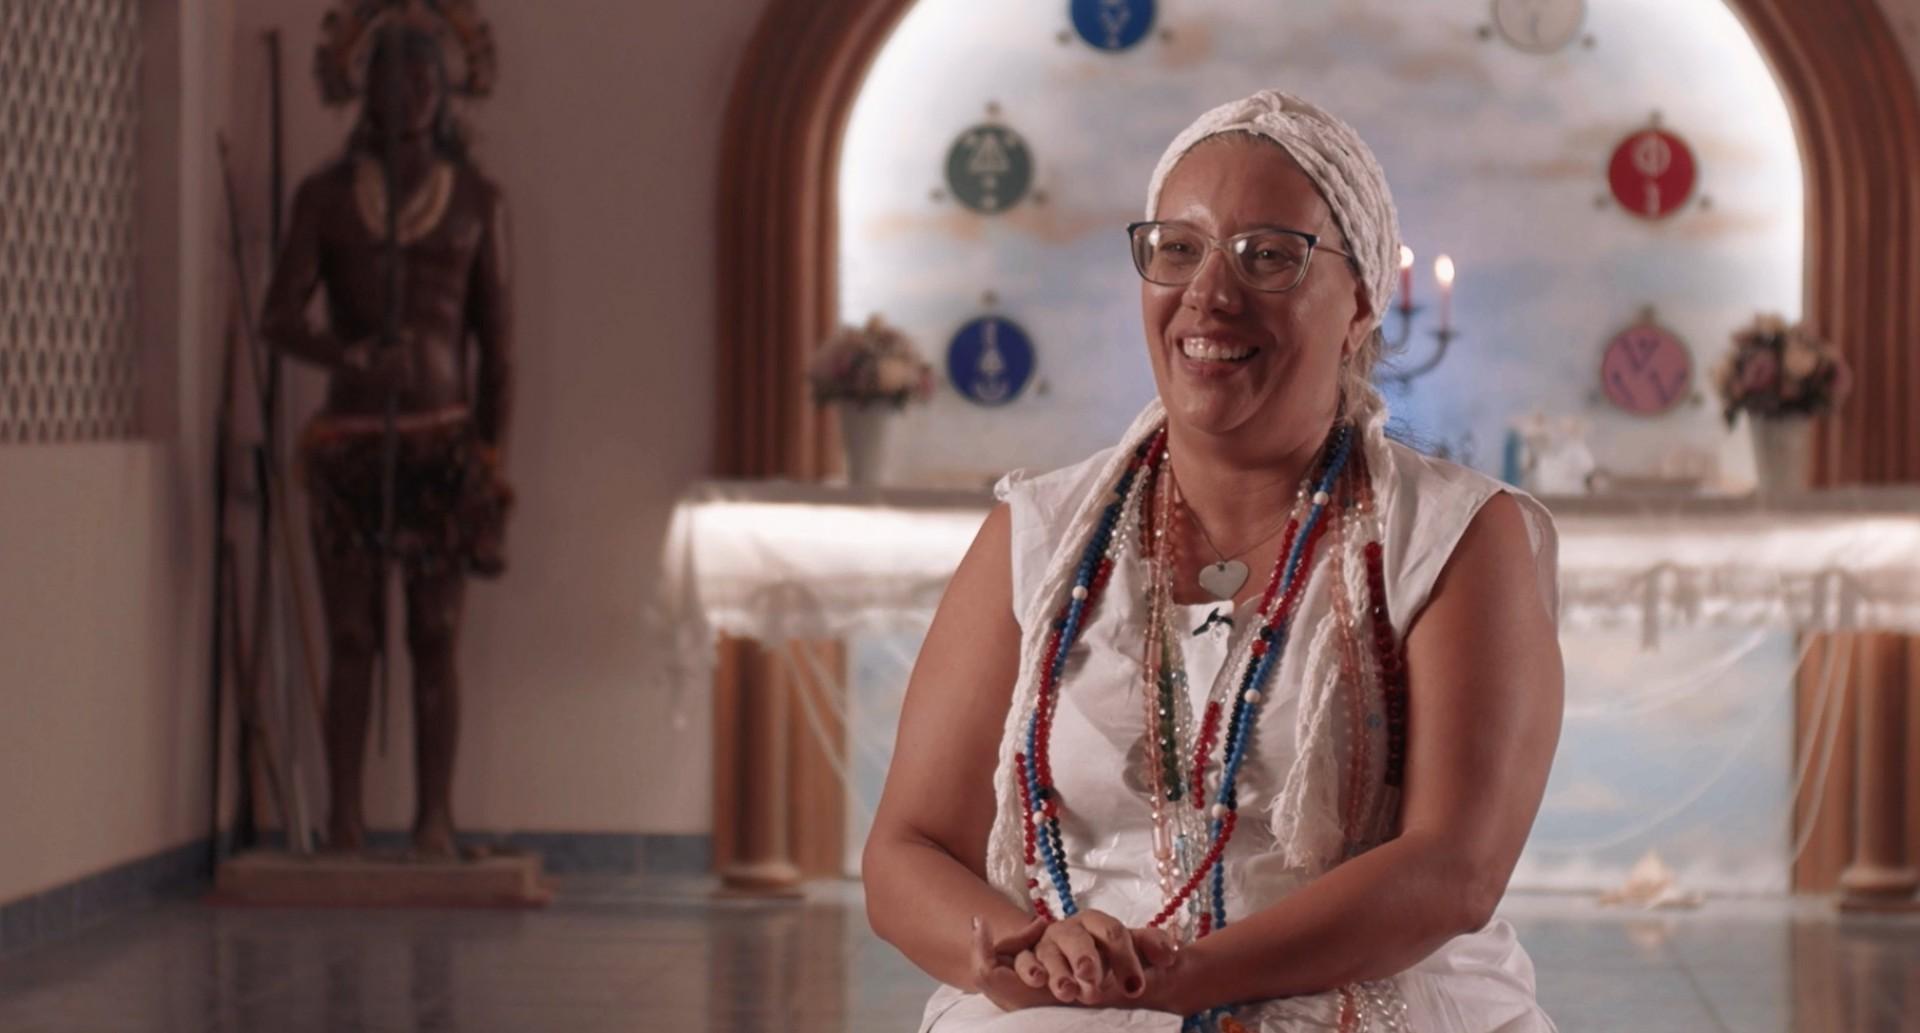 Mãe Elisa (Foto: Camila de Almeida/Divulgação)